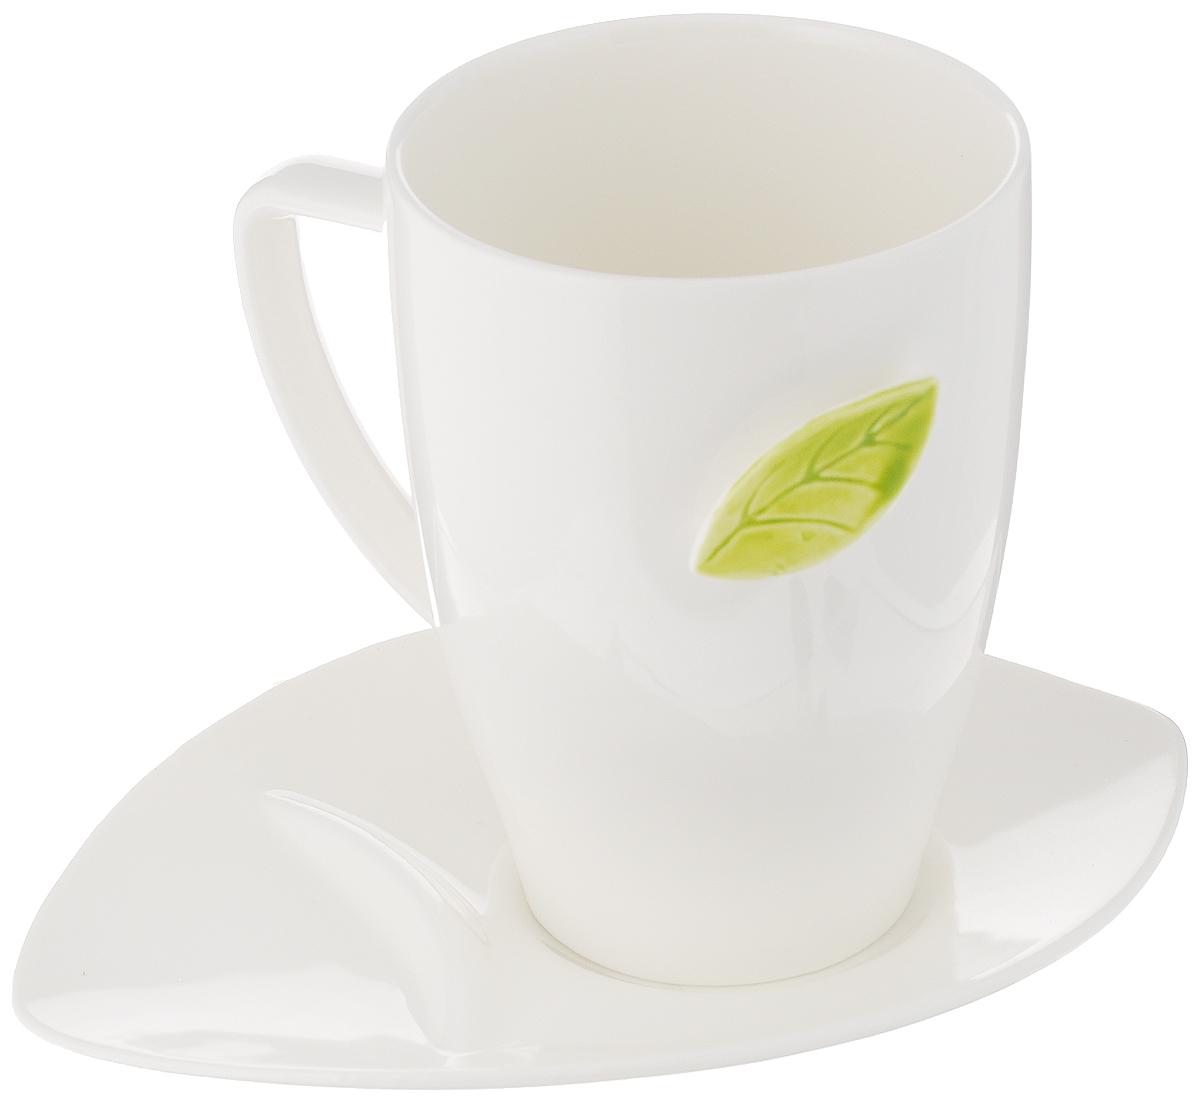 Чайная пара Tescoma Yasmin, 2 предмета387590Чайная пара Tescoma Yasmin состоит из кружки крючком в форме листка для крепления чайных пакетиков при заваривании и блюдца специальной формы для откладывания пакетиков. Изделия выполнены из высококачественного фарфора. Современный дизайн, несомненно, придется вам по вкусу. Чайная пара Tescoma Yasmin украсит ваш кухонный стол, а также станет замечательным подарком к любому празднику. Можно использовать в микроволновой печи, холодильнике и мыть в посудомоечной машине. Объем чашки: 450 мл. Диаметр чашки (по верхнему краю): 8,5 см. Высота чашки: 12 см. Размер блюдца: 18 см. Высота блюдца: 2,7 см.